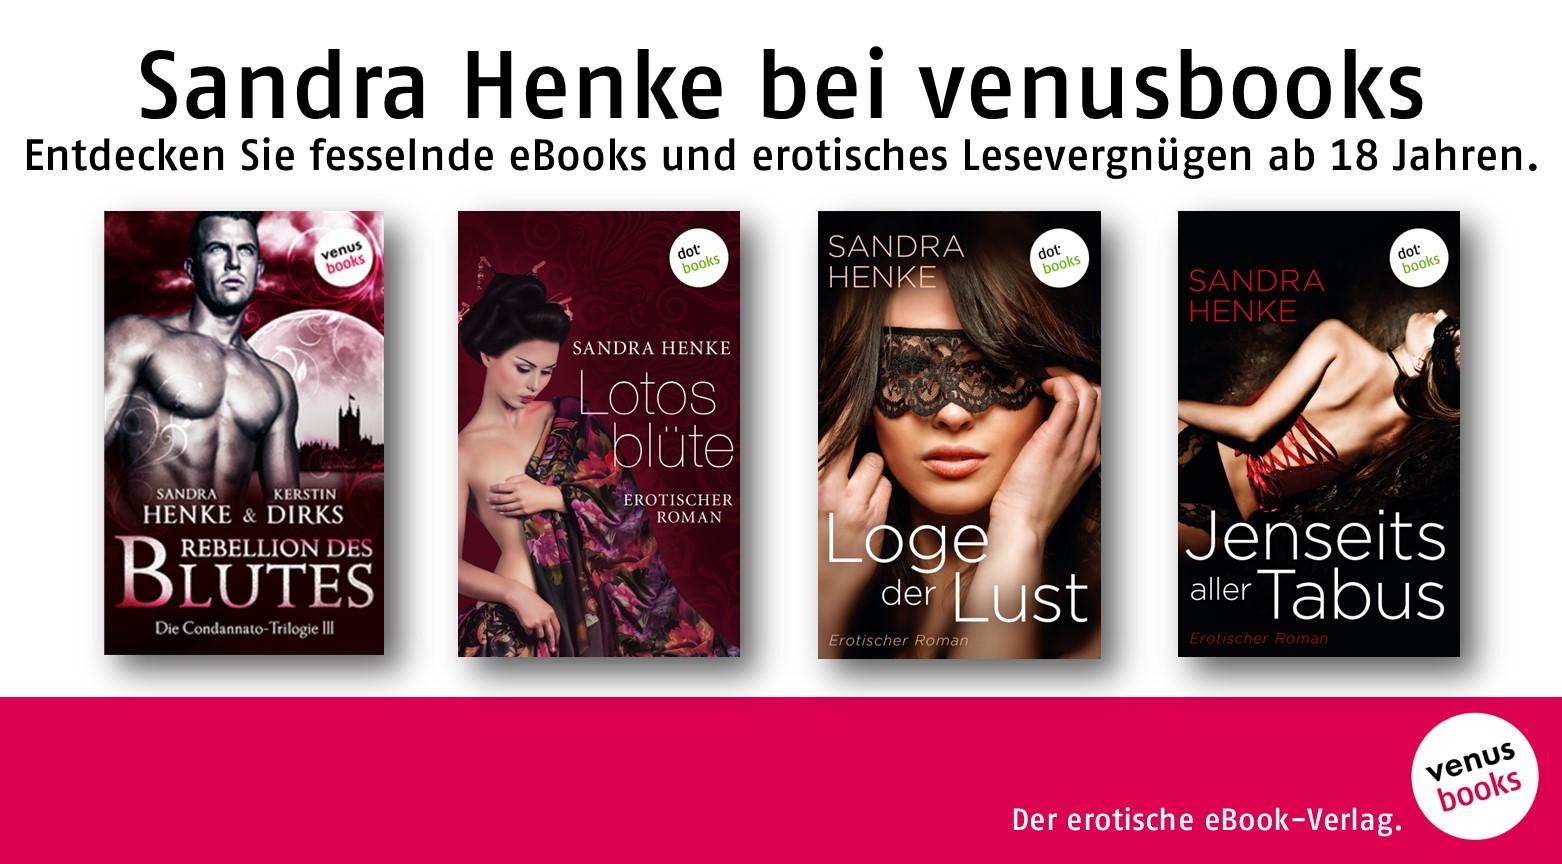 https://cdn.openpublishing.com/images/brand/89/venusbooks_slide_mobile_02_Aug.jpg